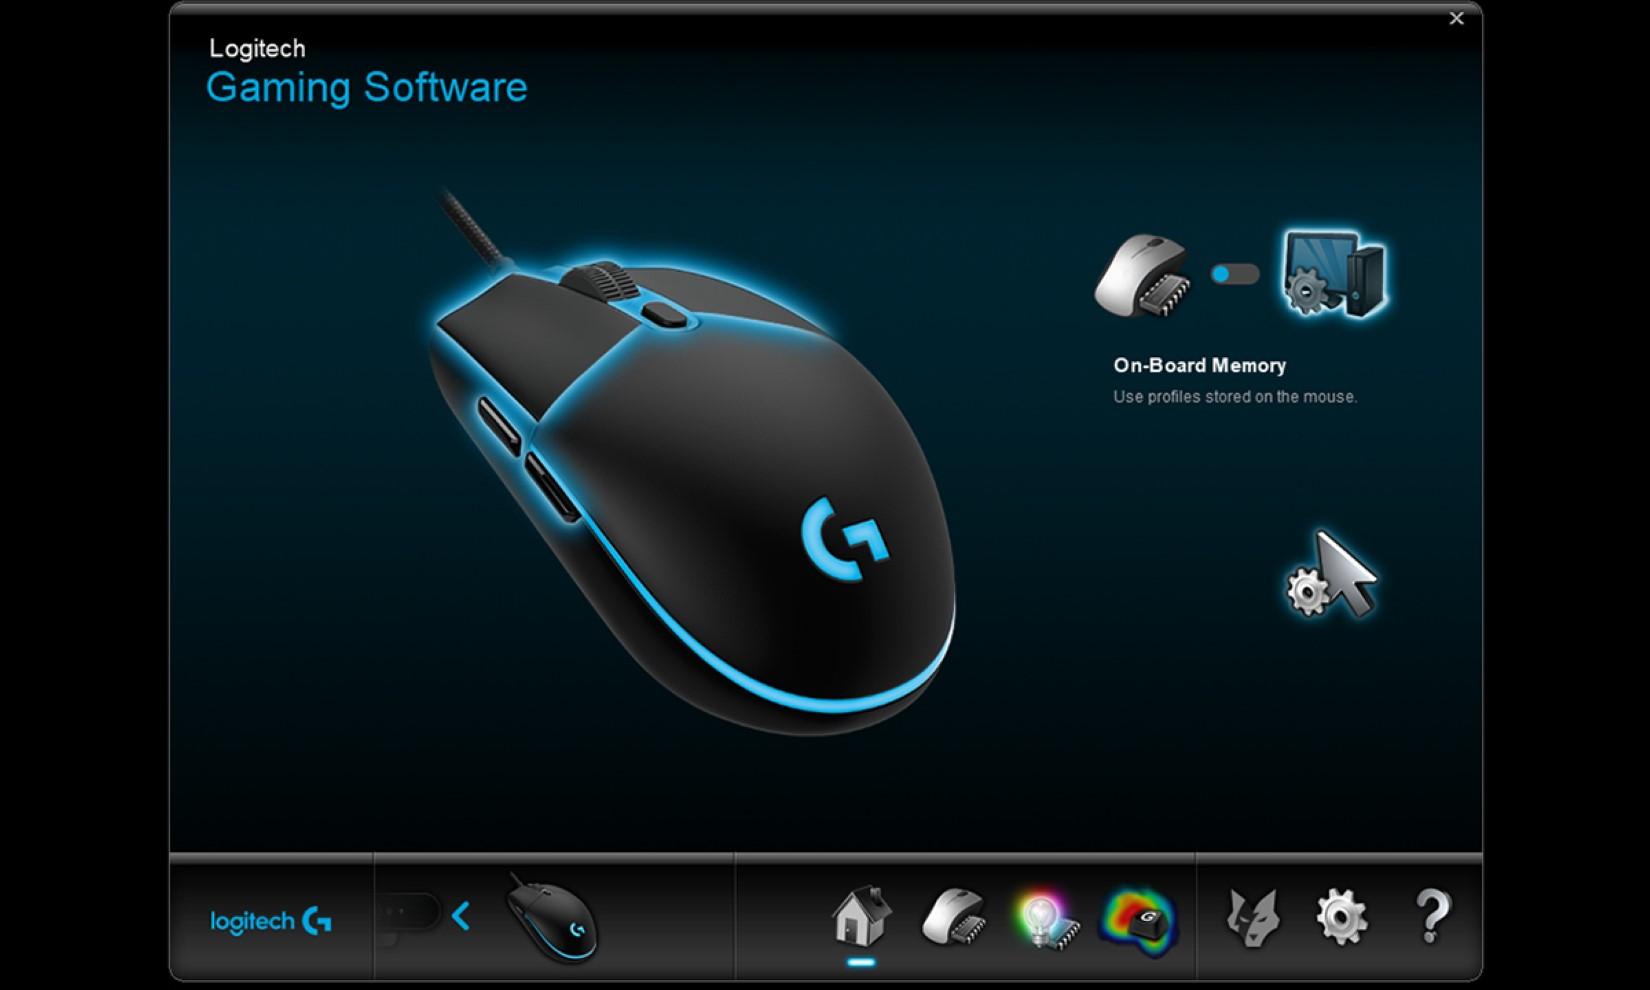 Chuột chơi game Logitech PRO HERO Gaming có thể lưu trữ đến 5 profile cấu hình